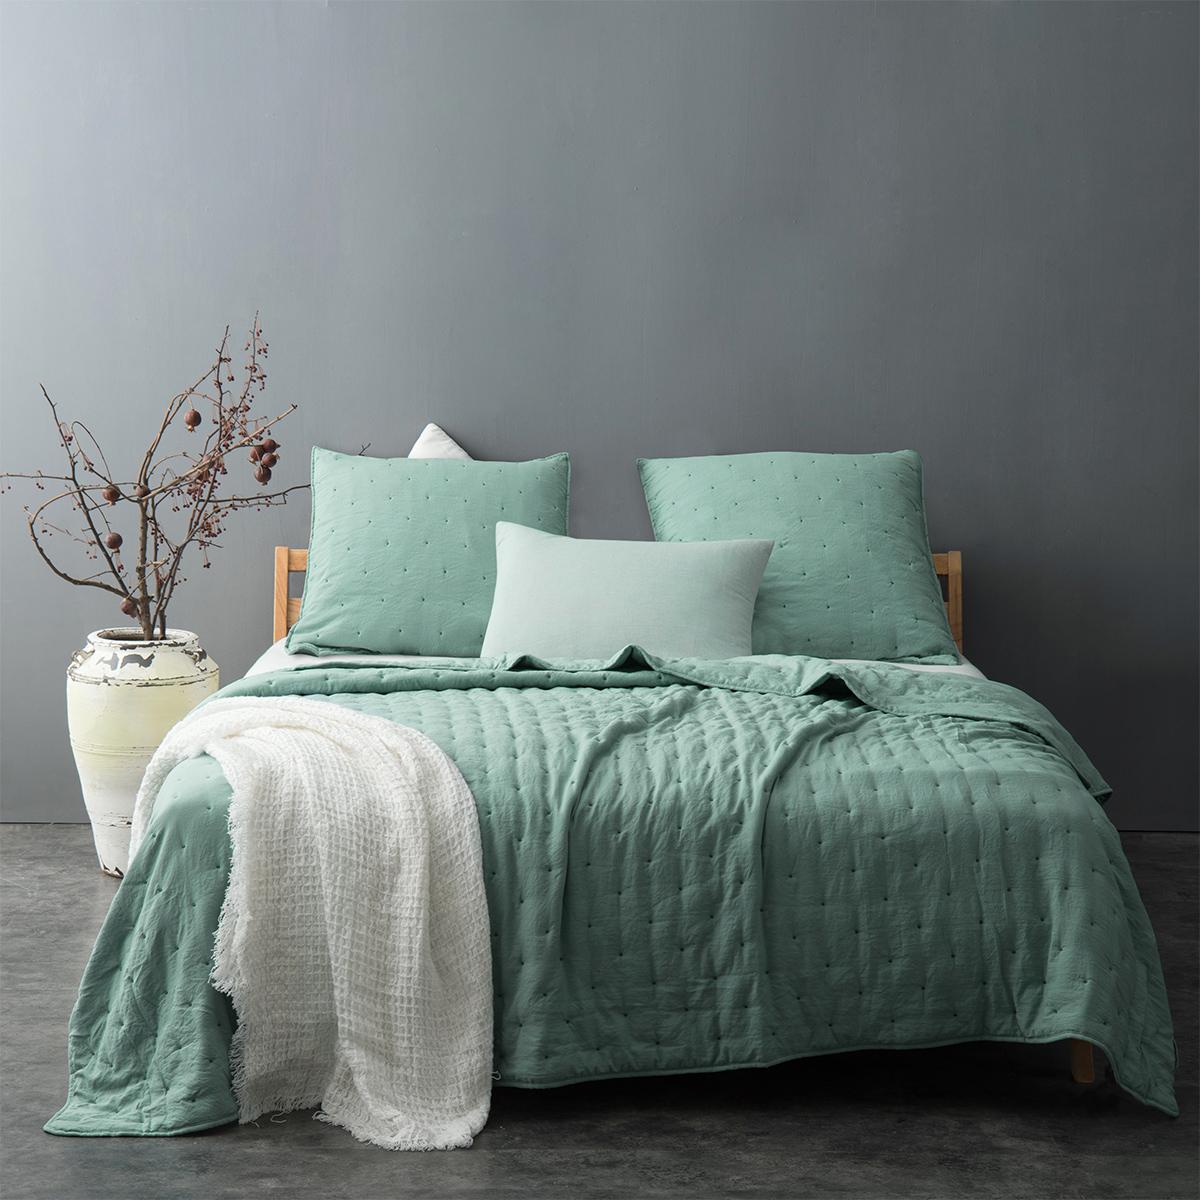 Couvre lit matelassé et moelleux - Vert - 180 x 240 cm